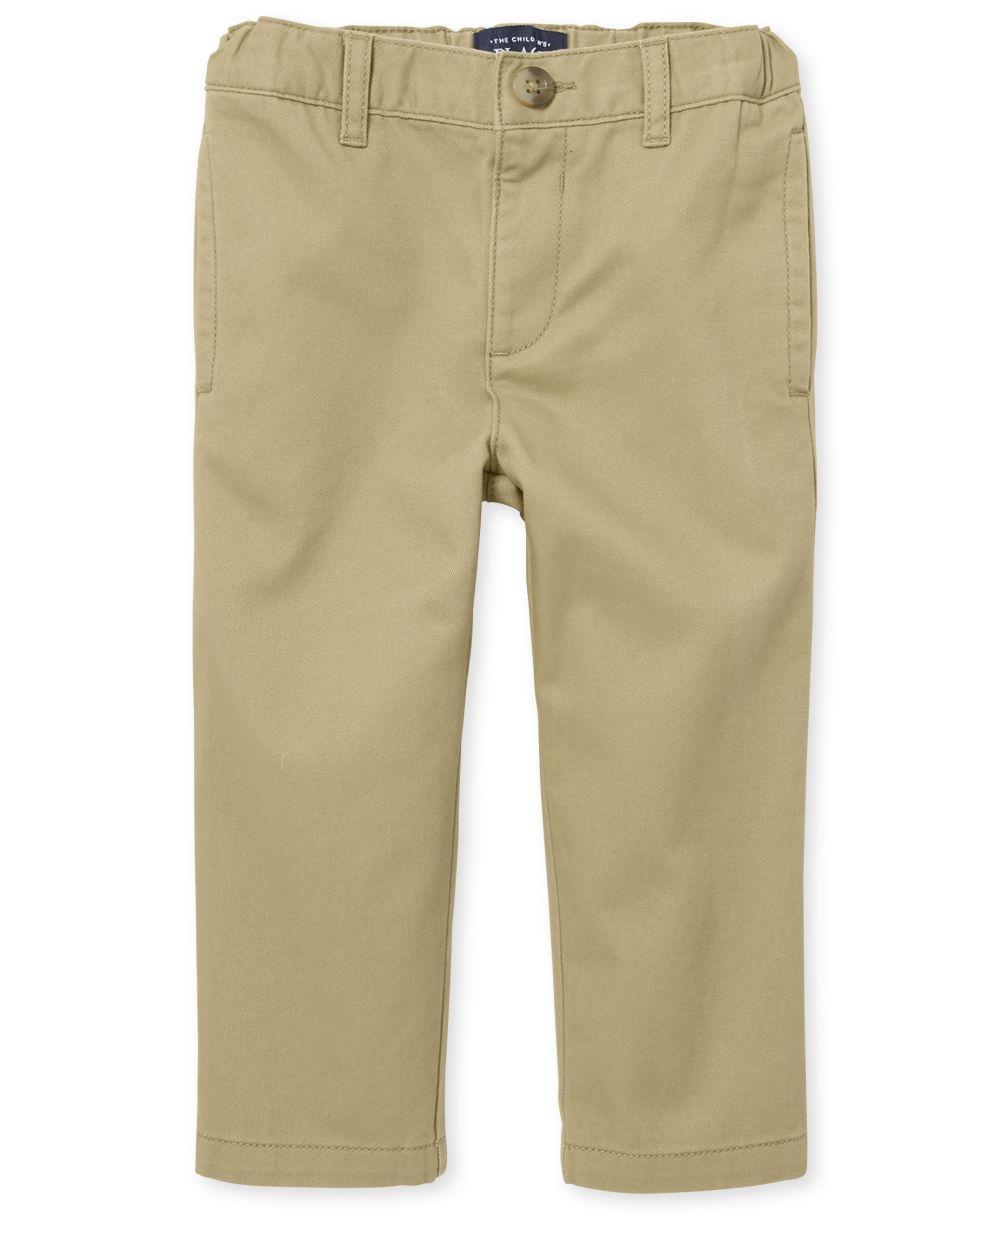 Pantalones chinos de uniforme para bebés y niños pequeños